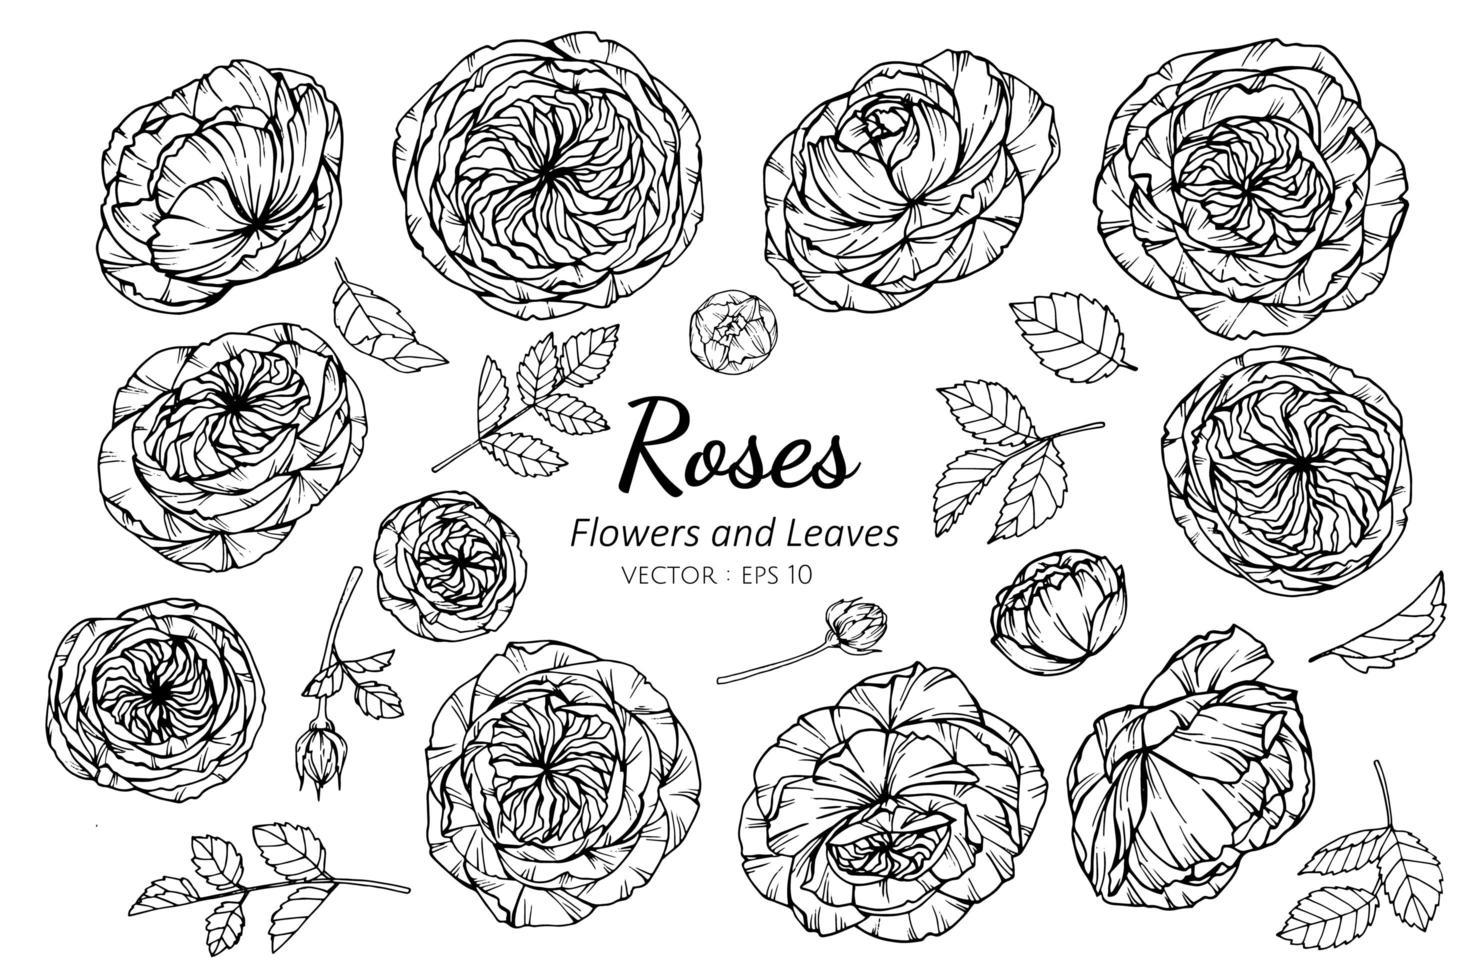 Sammlung von Rosenblüten und Blättern vektor